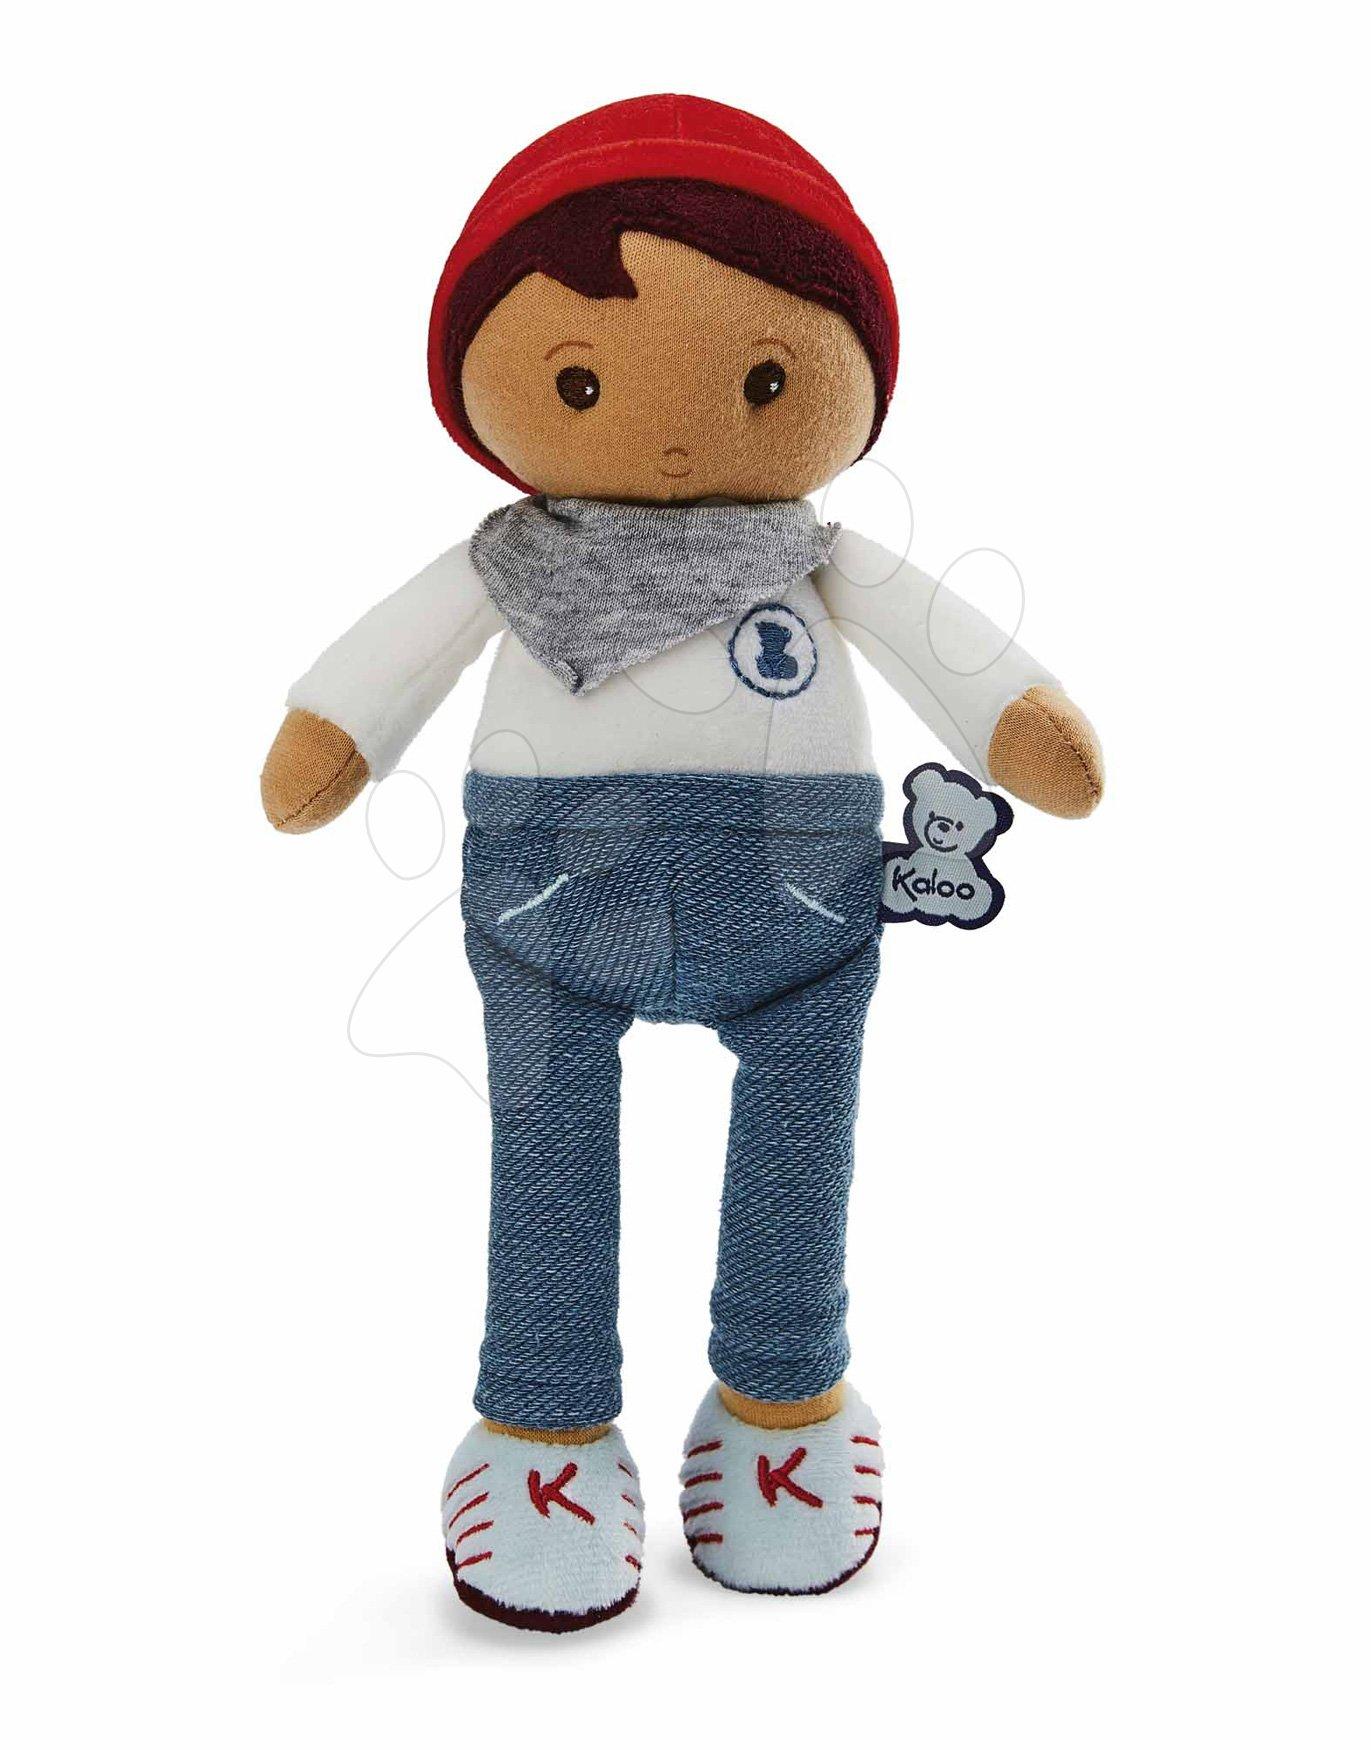 Bábika pre bábätká Lucas K Tendresse Kaloo 25 cm v riflových nohaviciach z jemného textilu v darčekovom balení od 0 mes